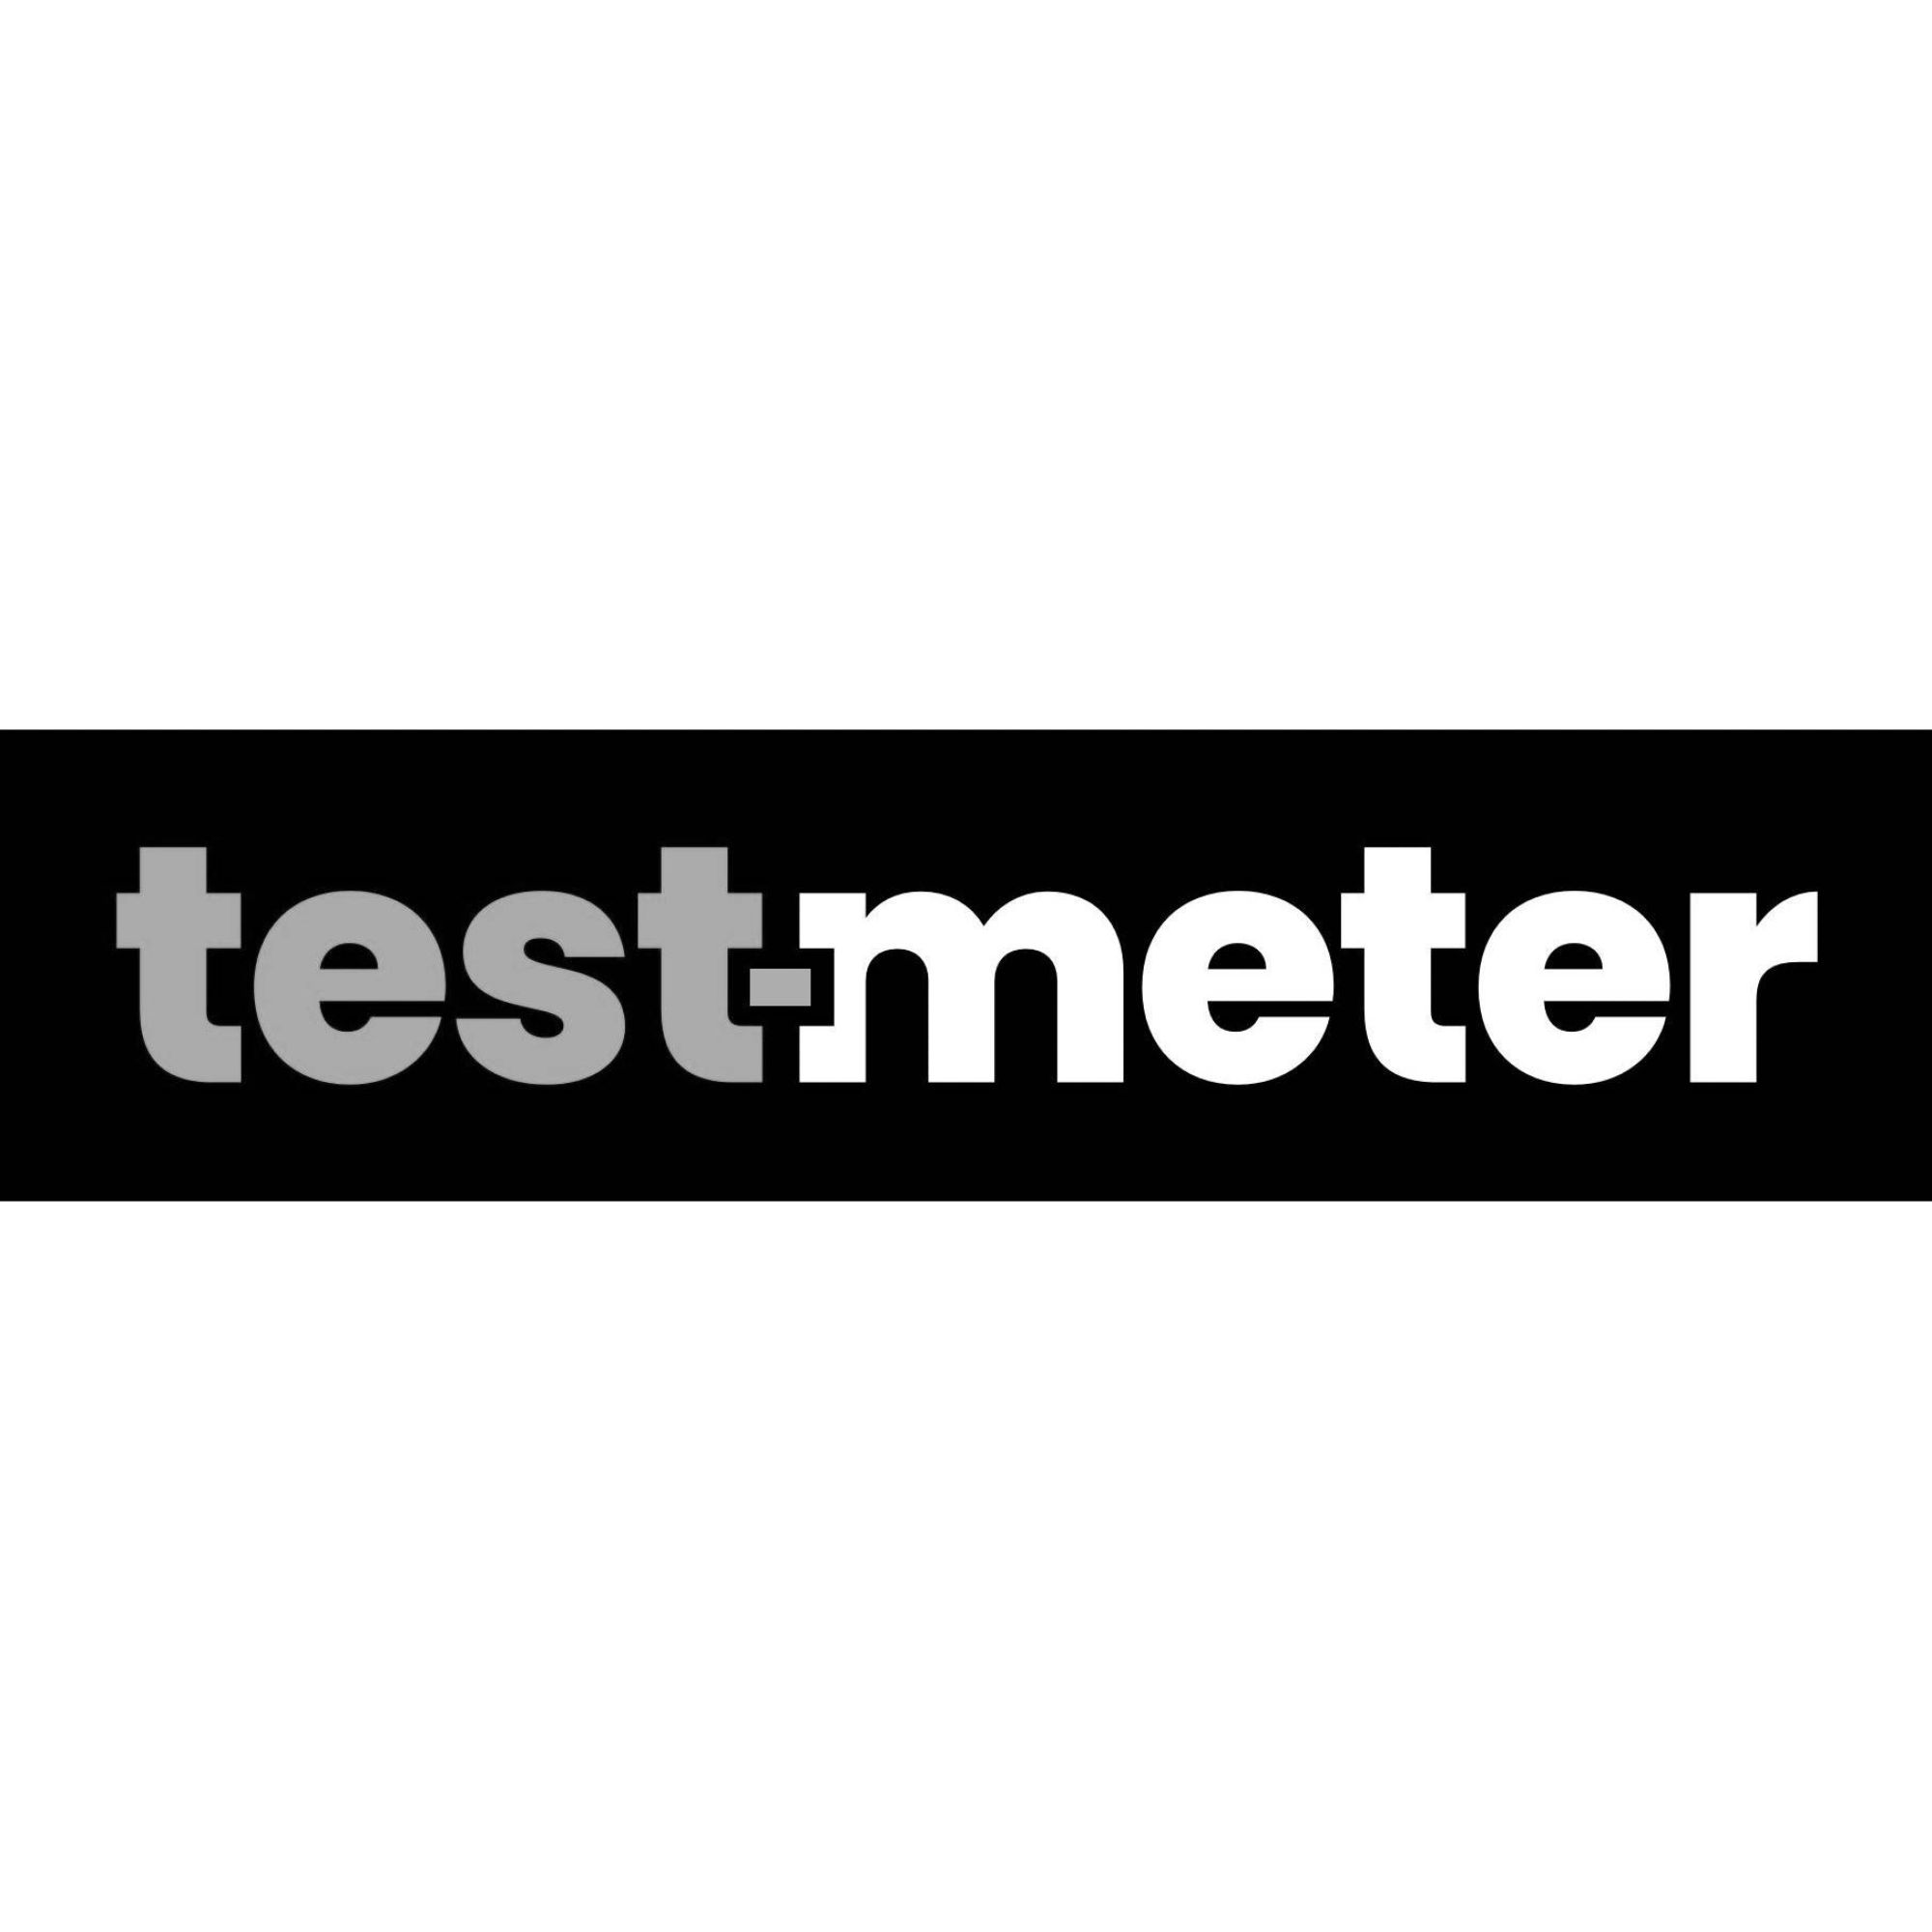 test meter logo SQUARE.jpg